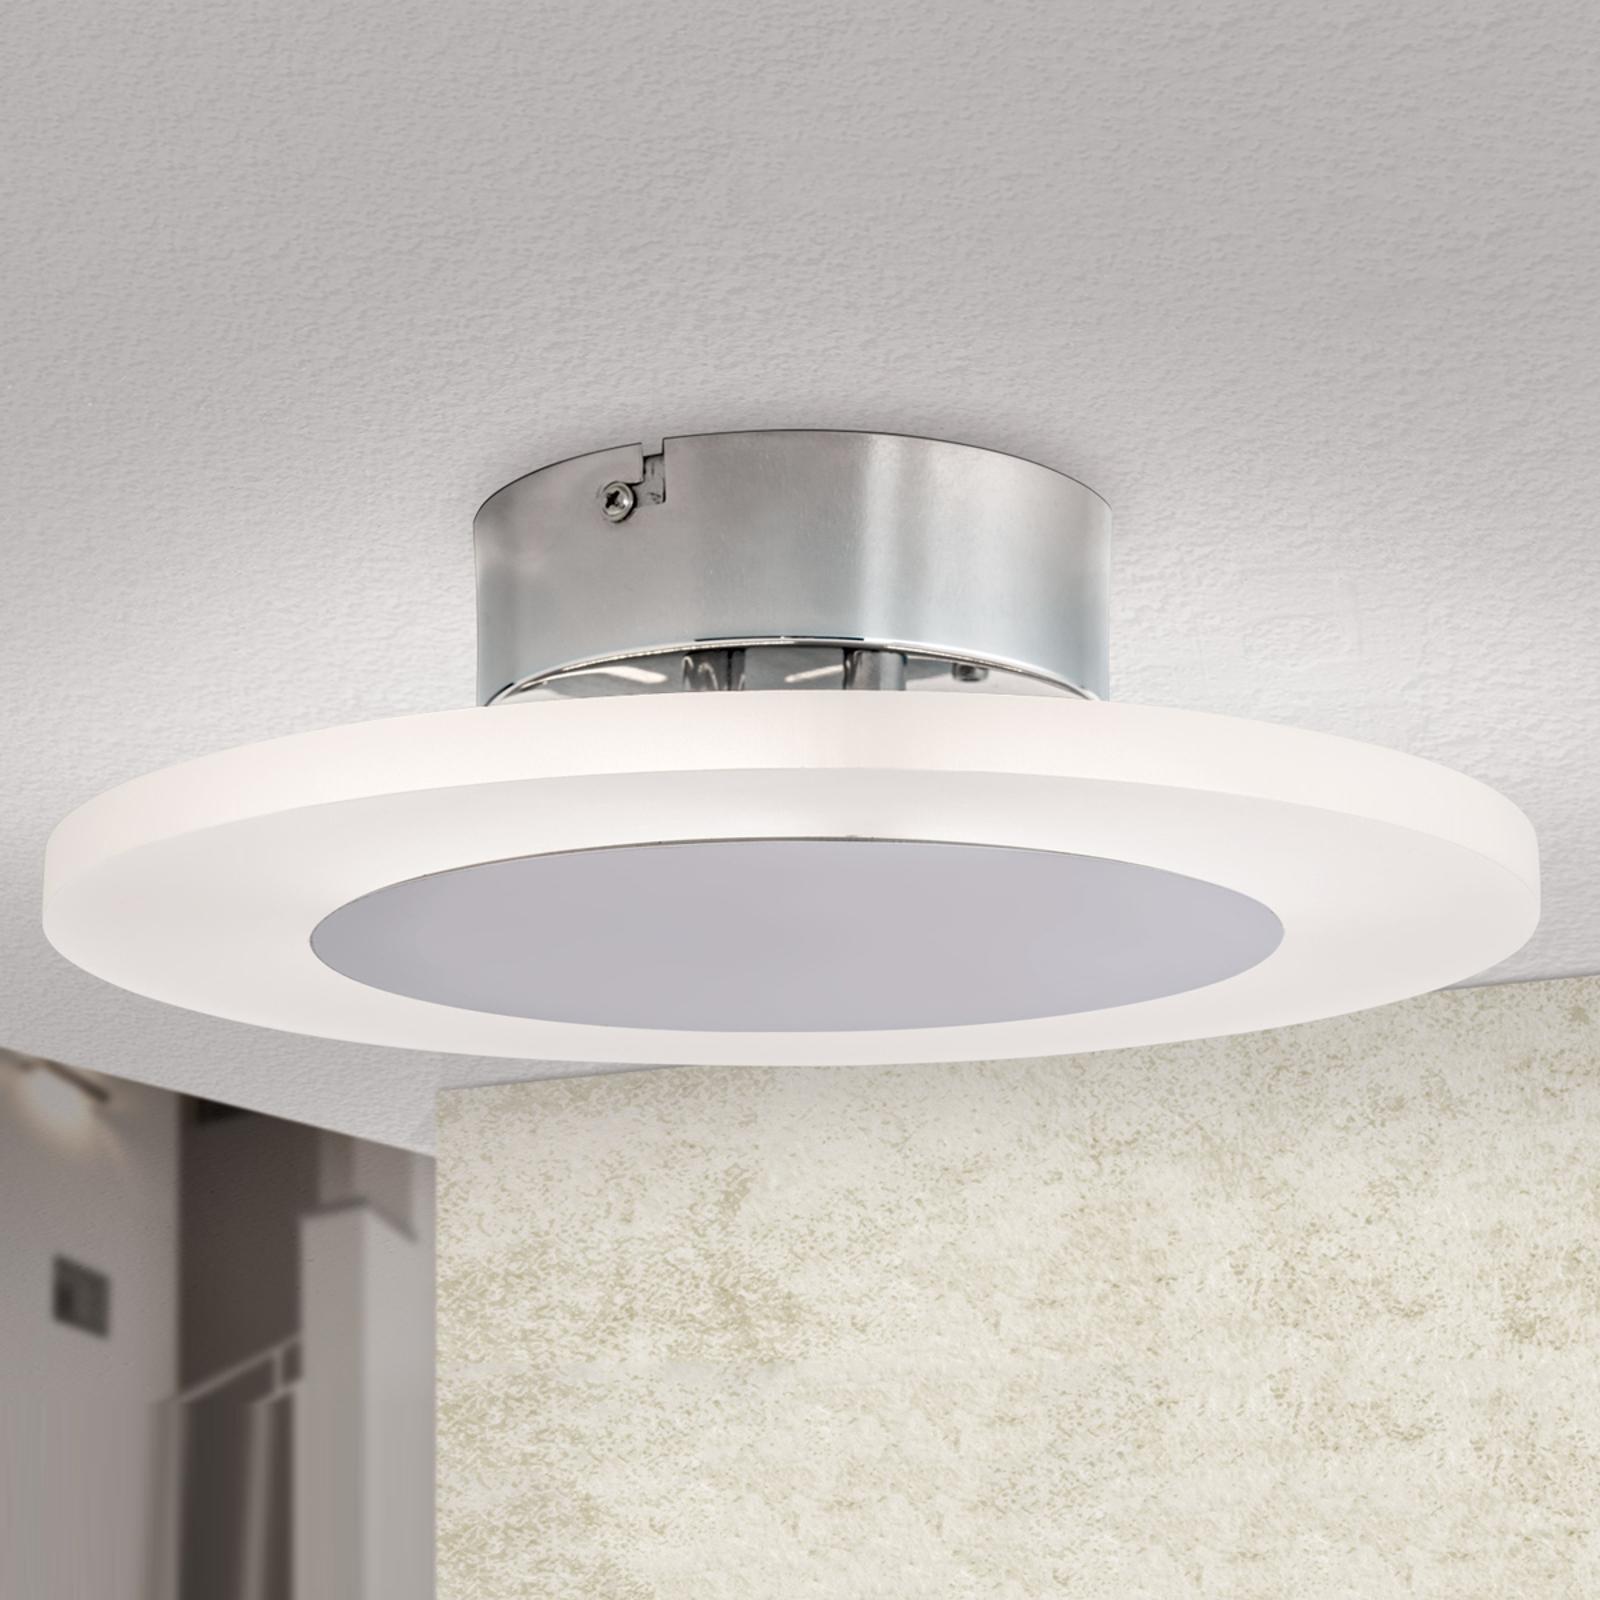 LED-Deckenleuchte Karia rund, 30 cm